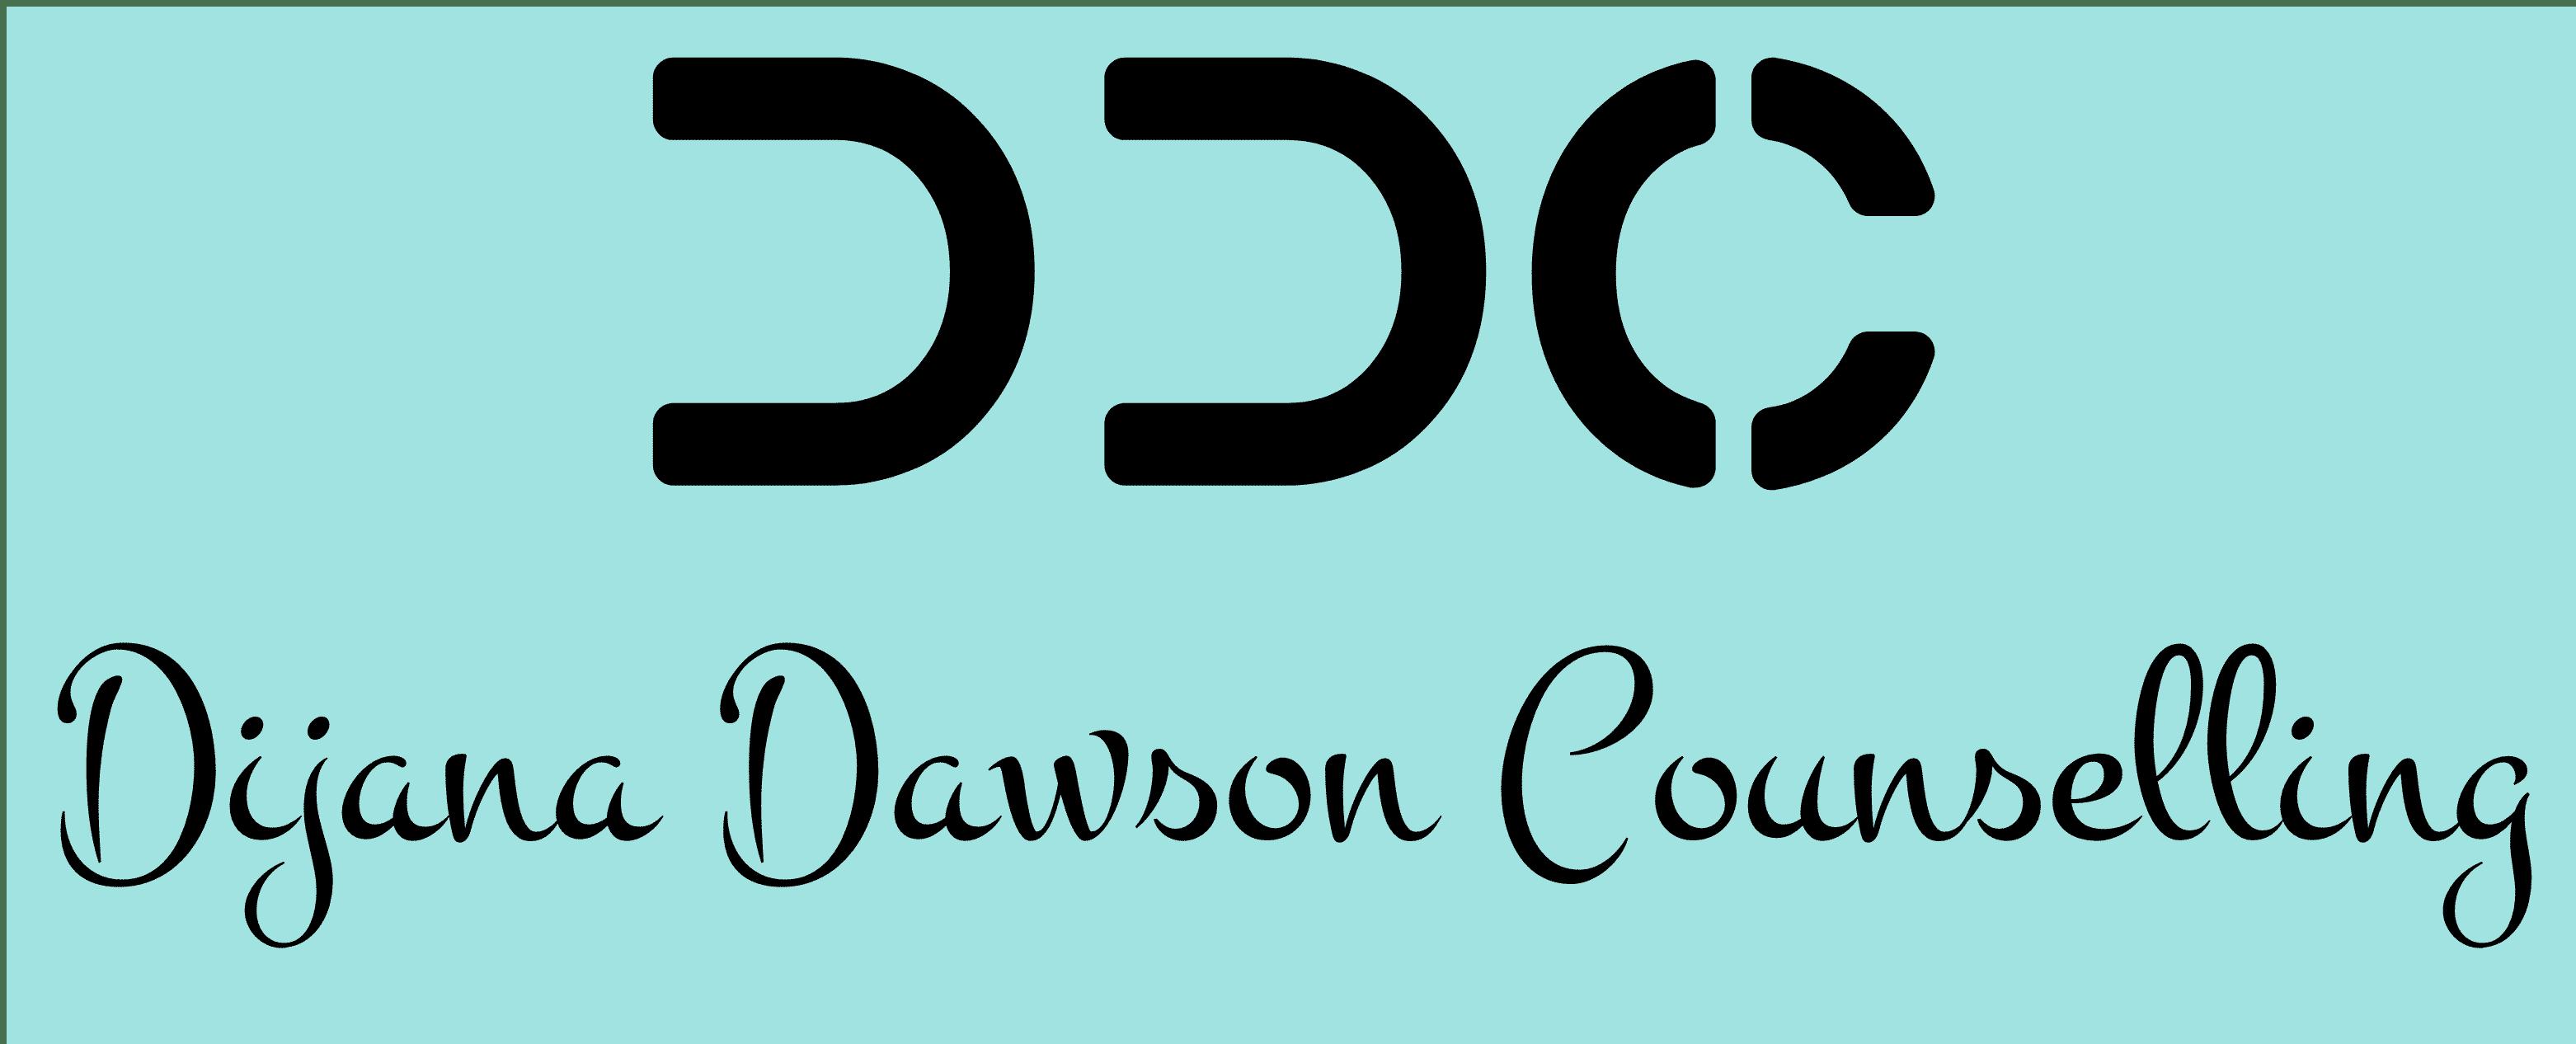 Dijana Dawson Counselling